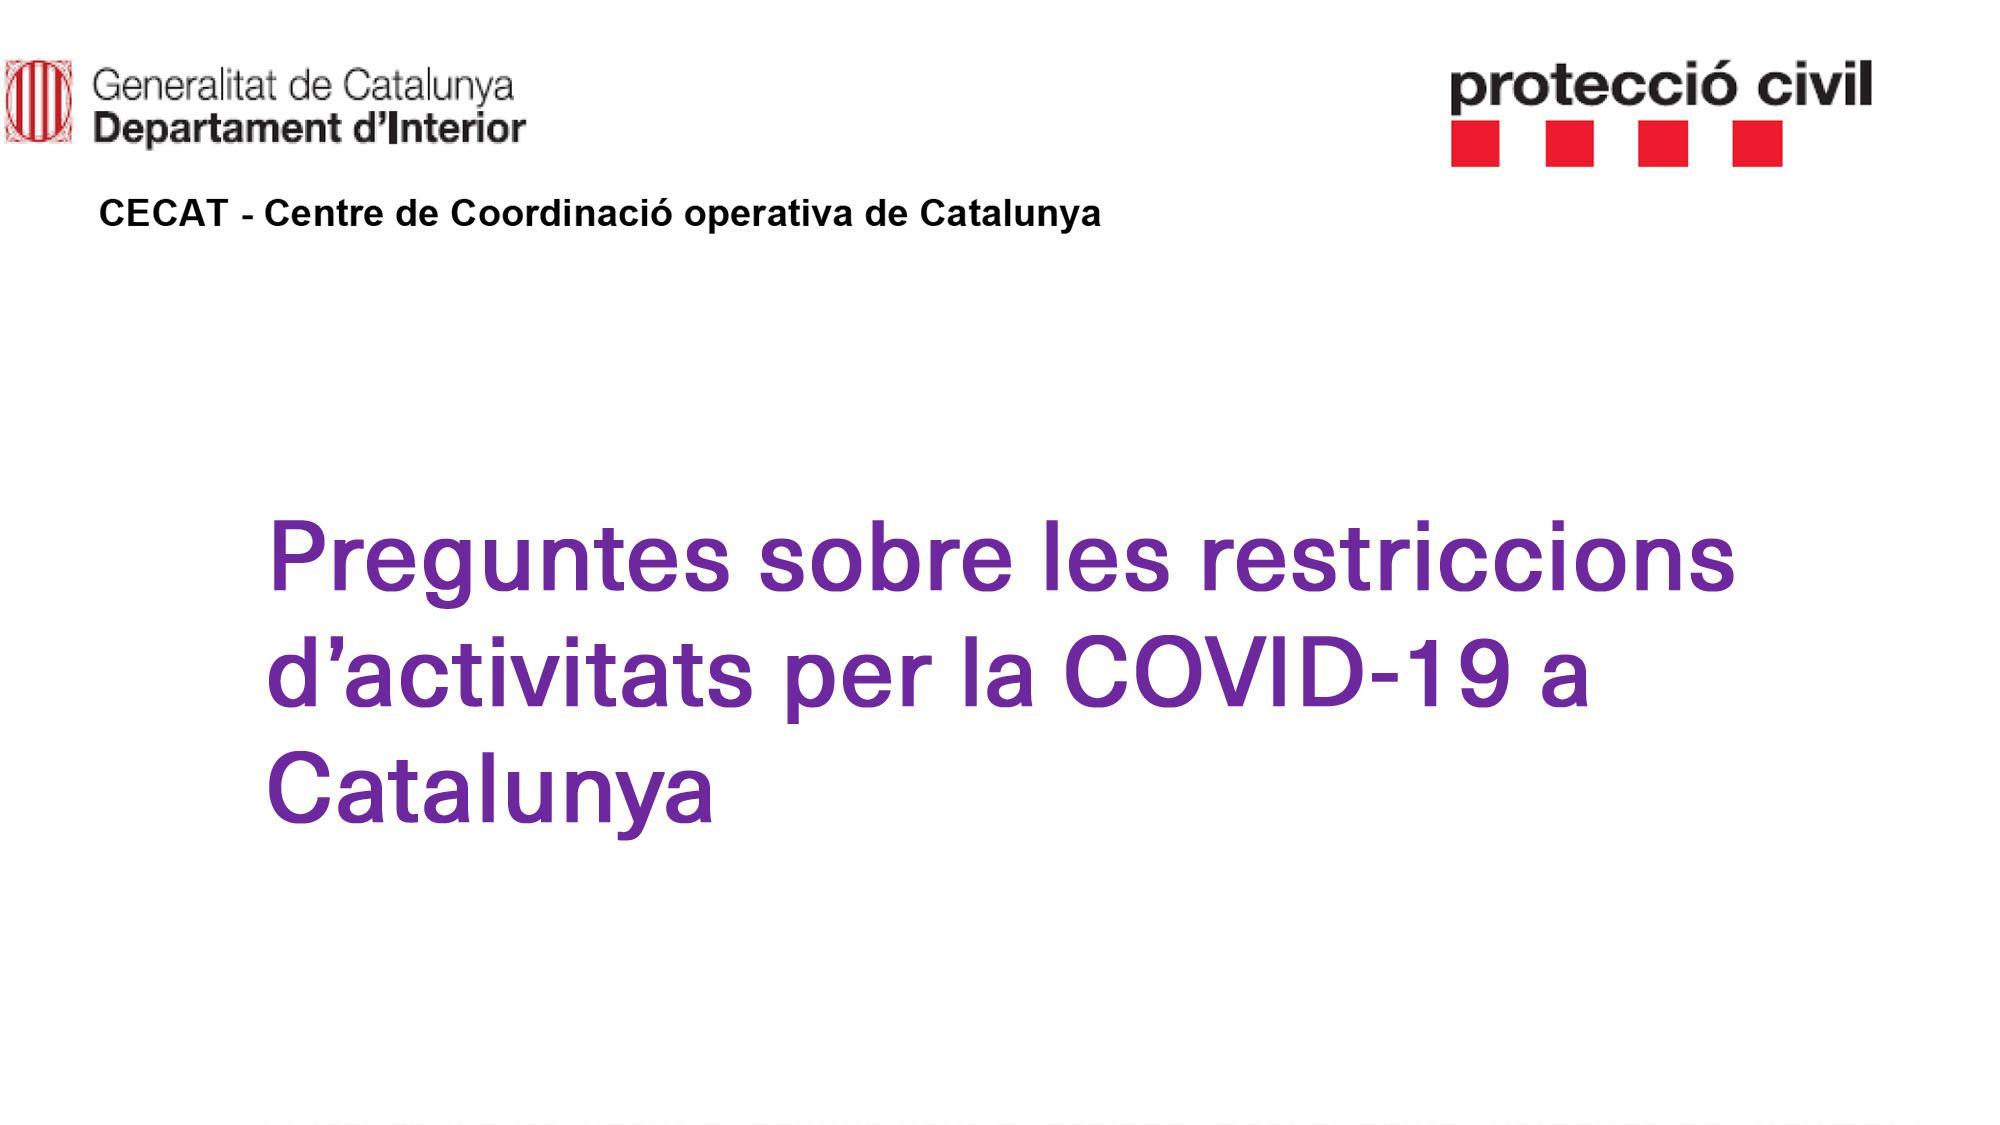 Protecció civil: preguntes sobre les restriccions d'activitats per la COVID-19 a Catalunya